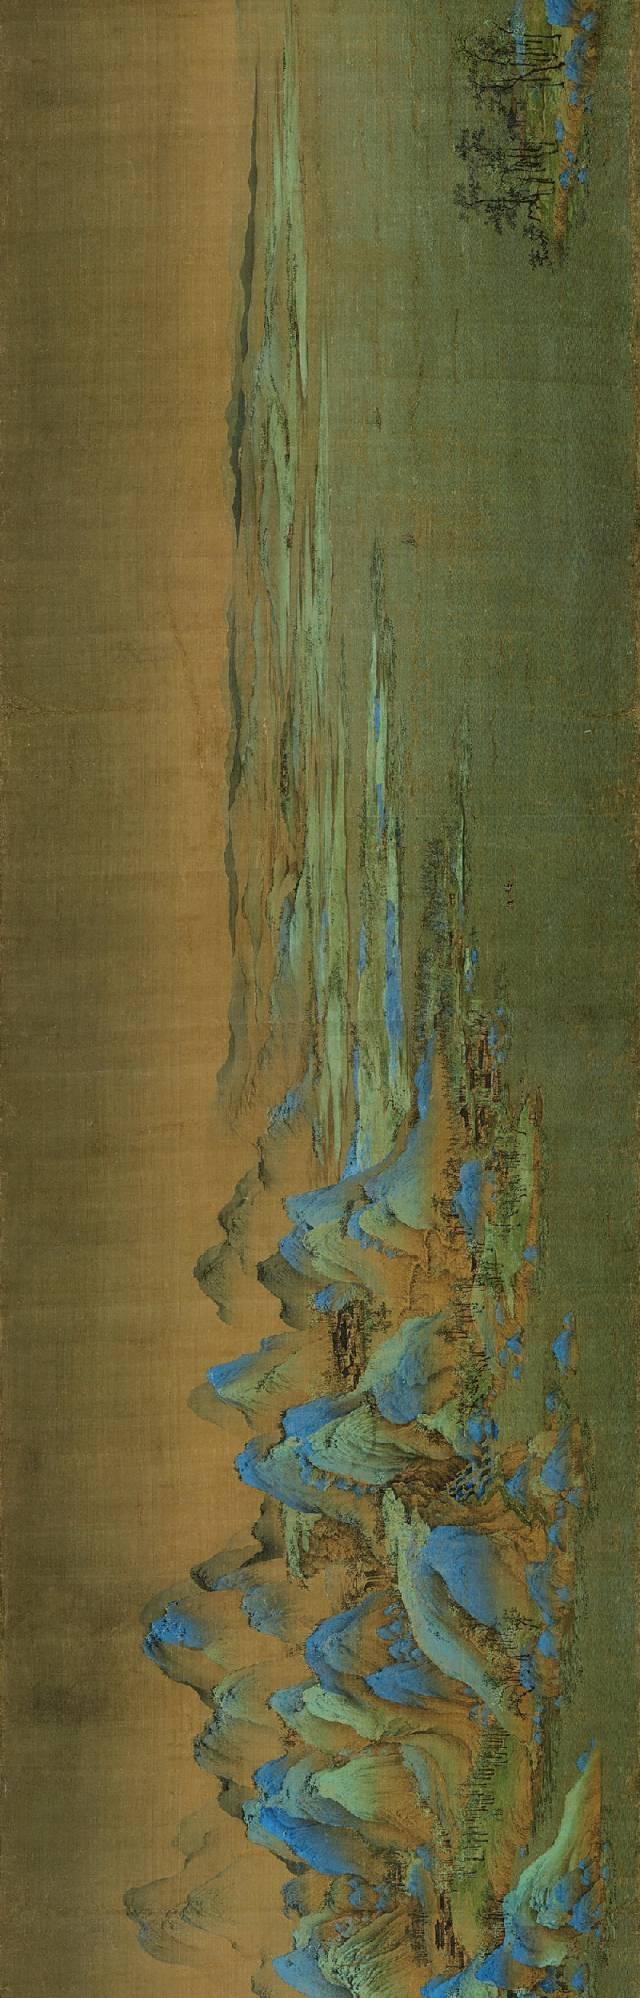 18岁天才画家,20岁去世,一生只画了一幅画,火了一千年